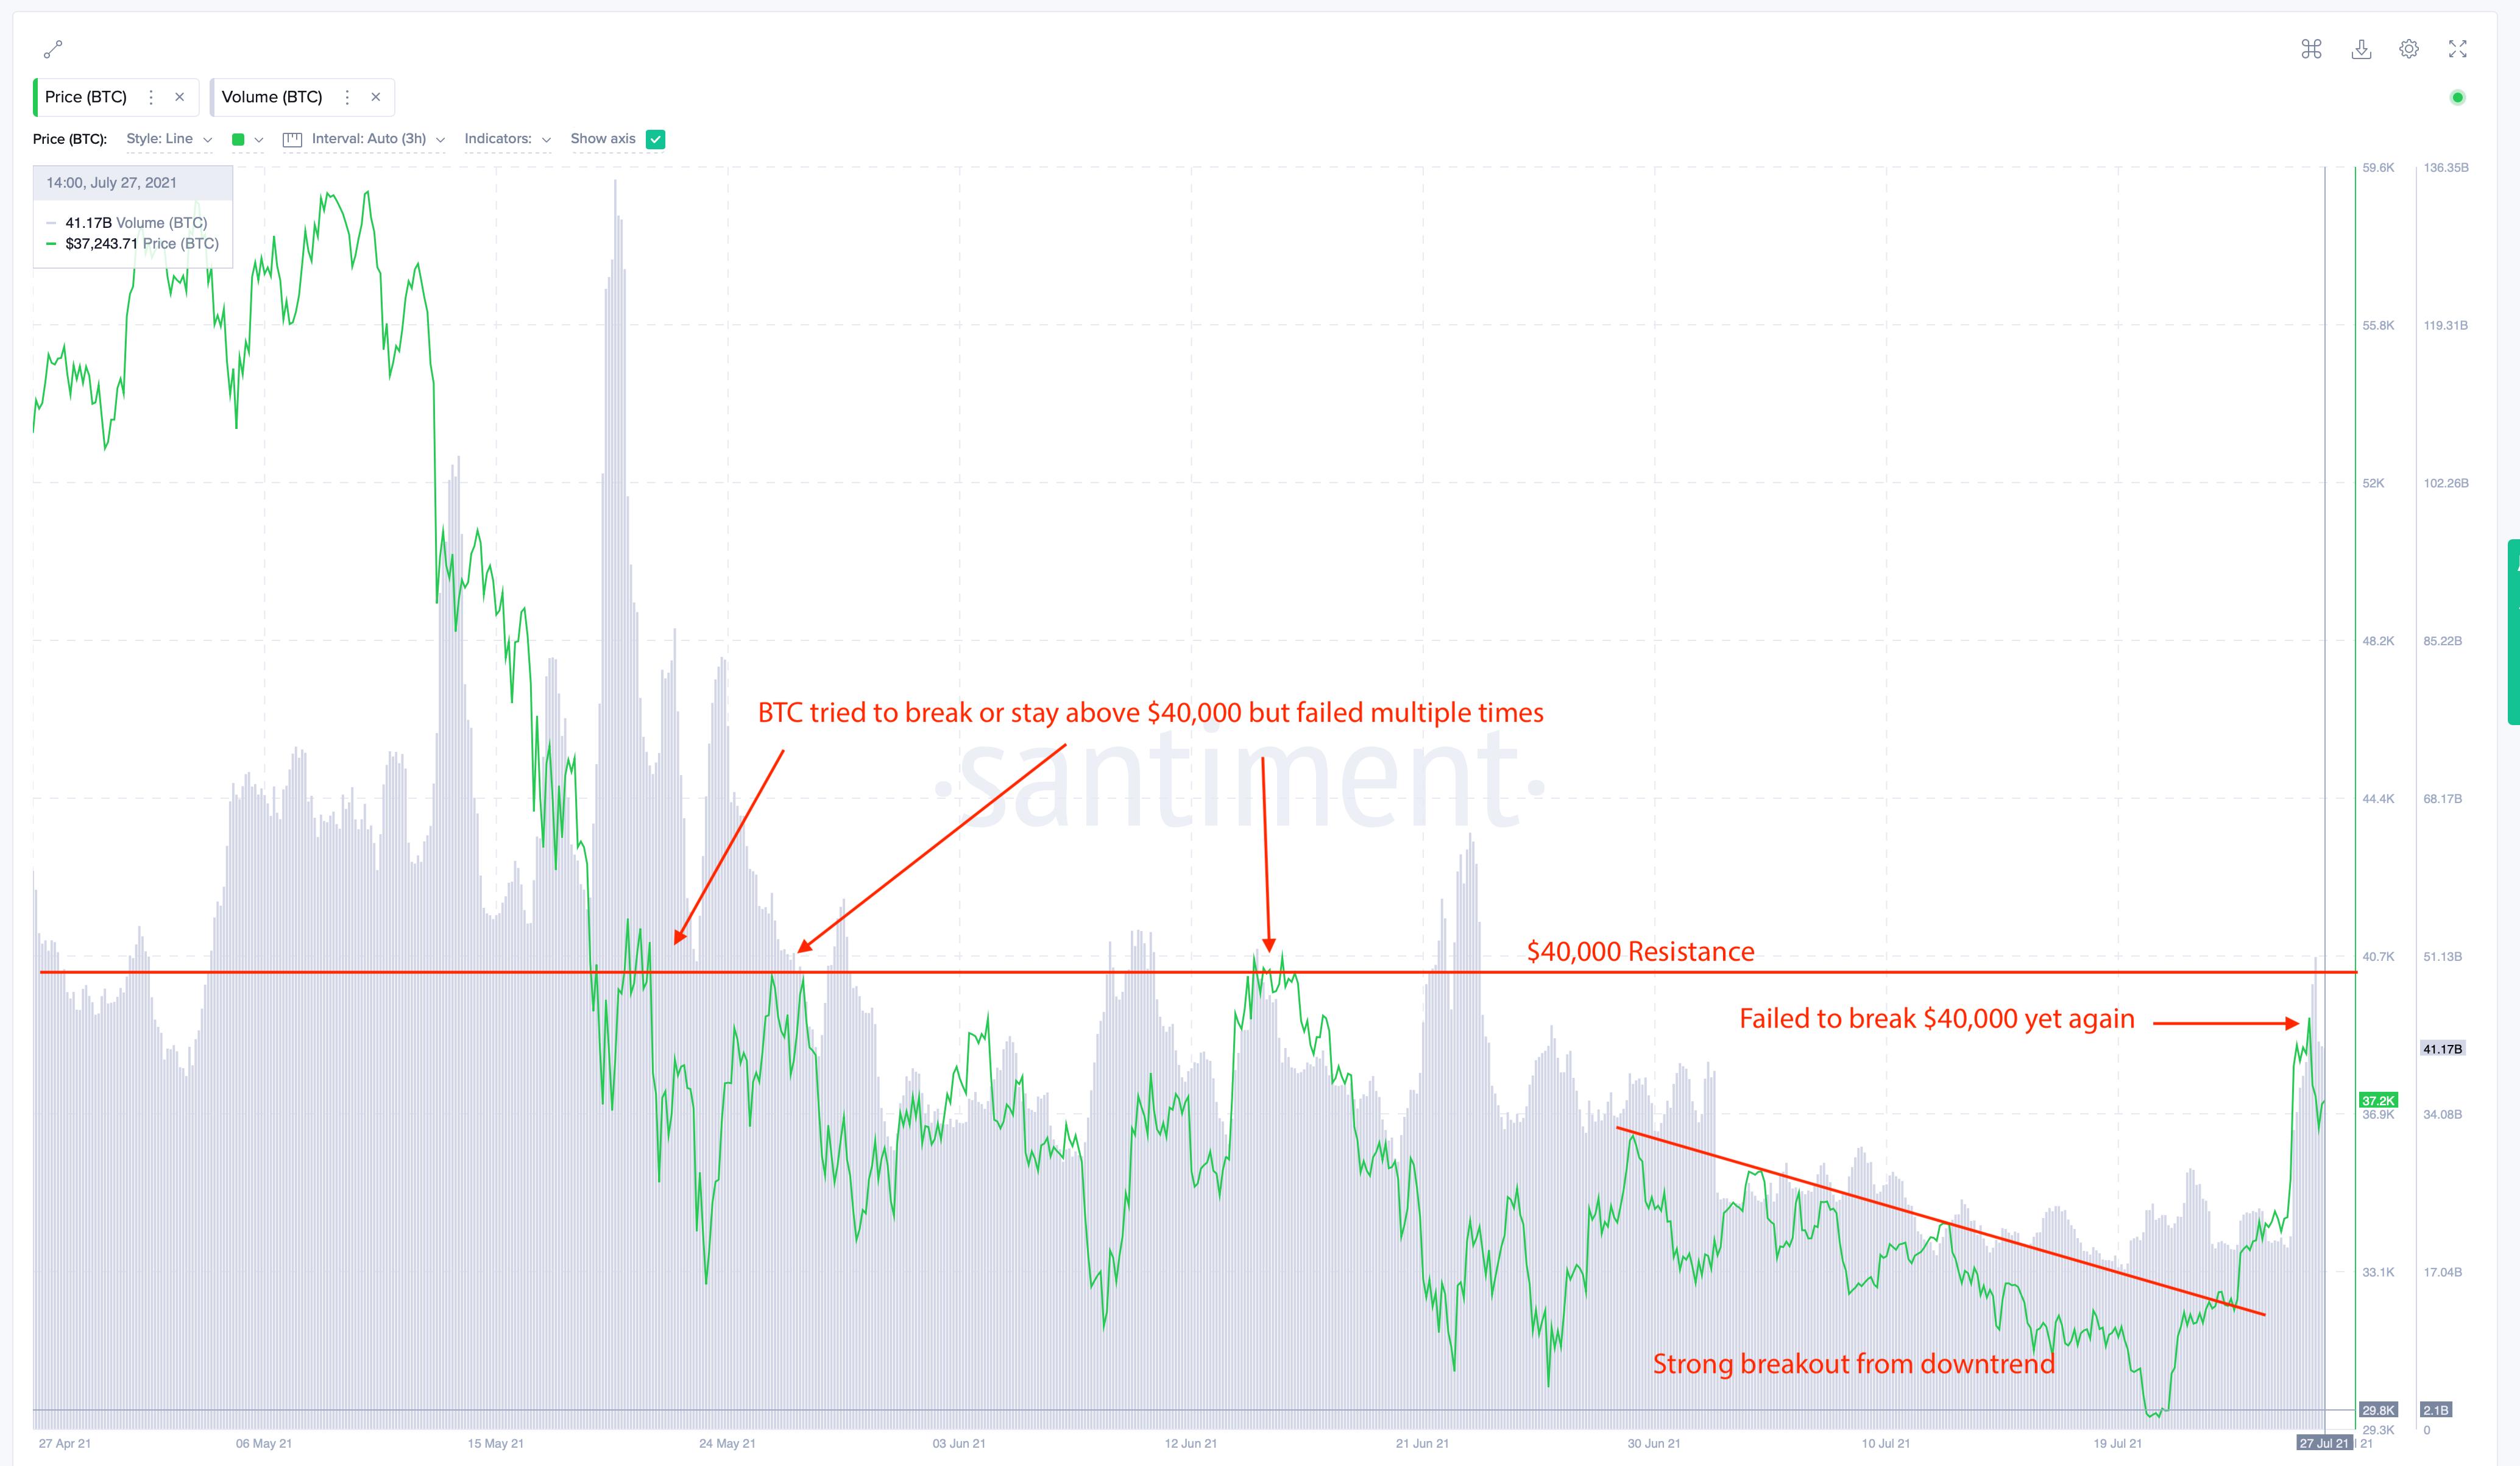 Bitcoin fiyat yükselişi Bitcoin fiyat yükselişini tetikleyen 3 önemli neden!